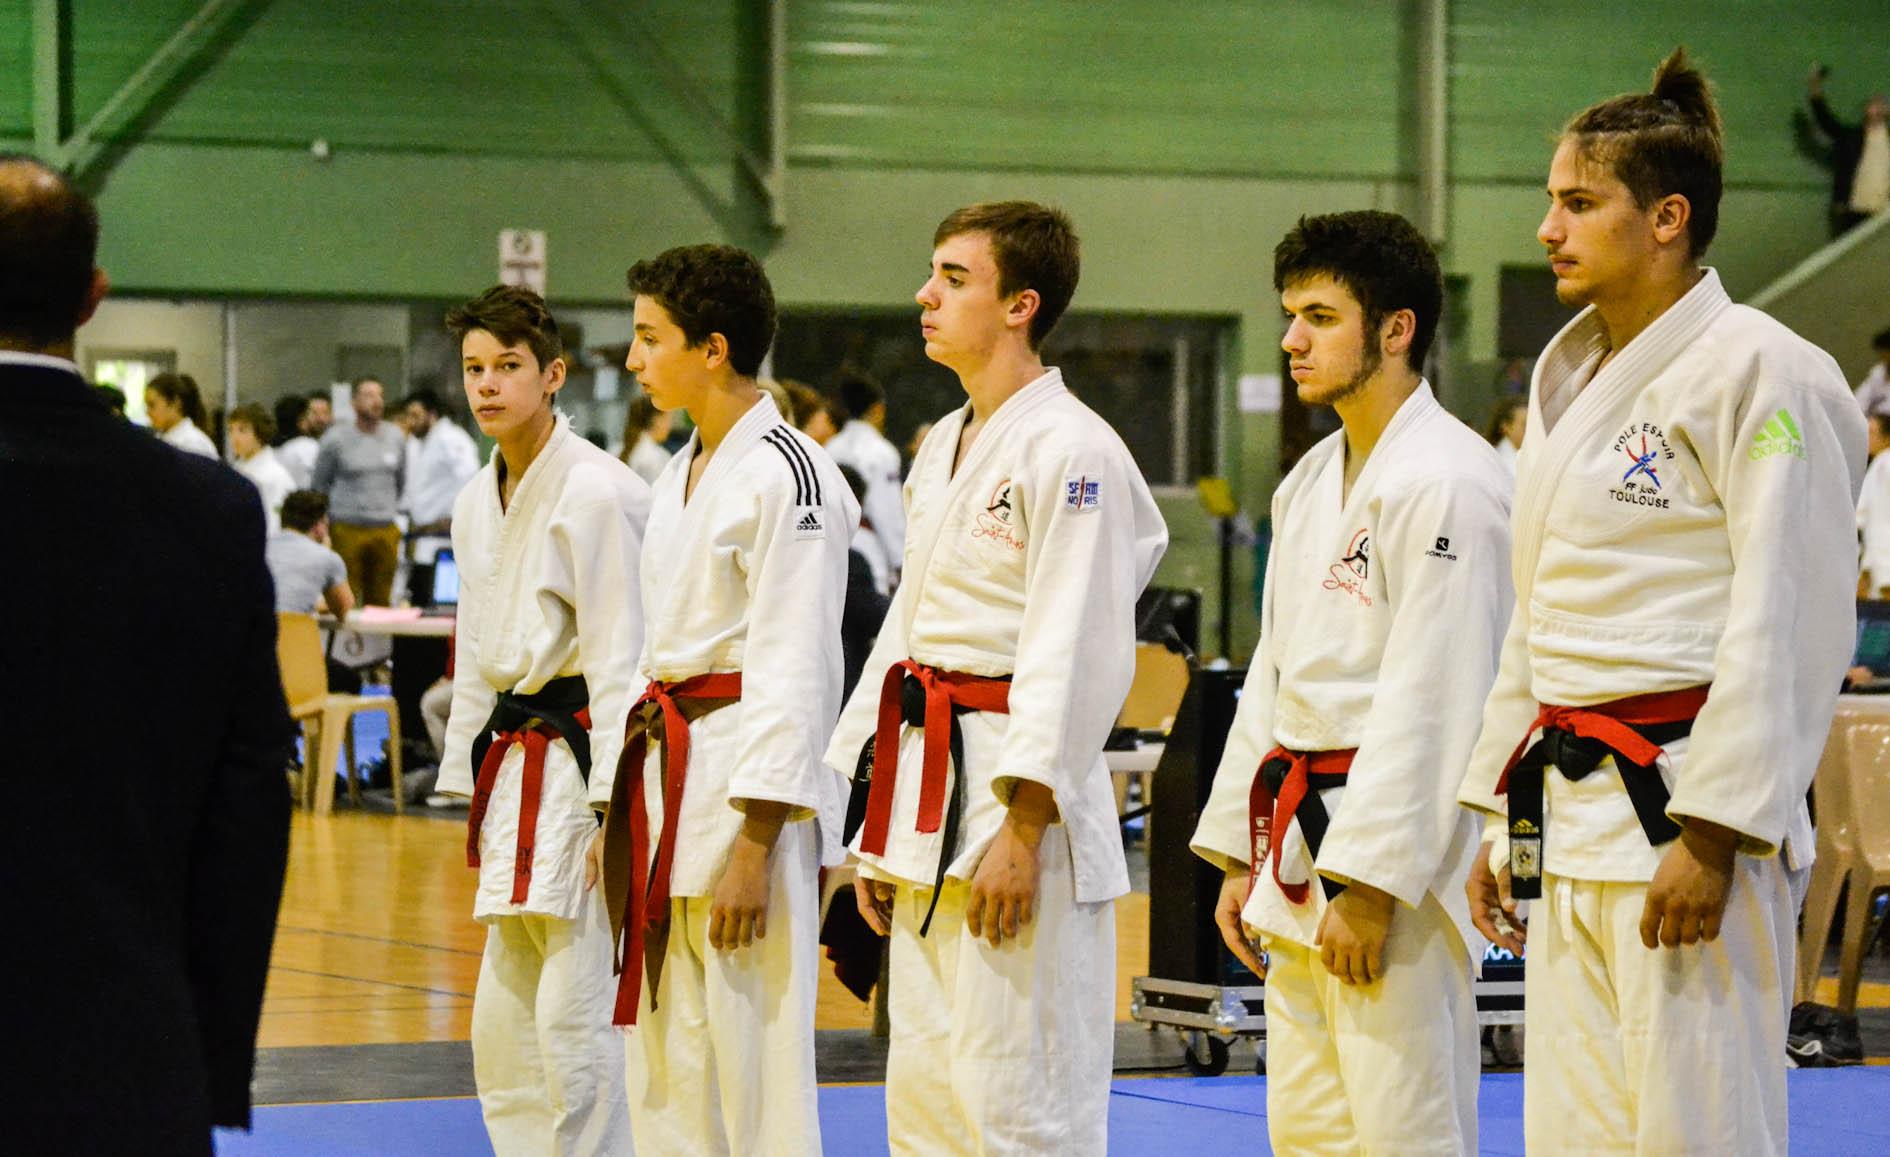 Equipe cadets de saint amans